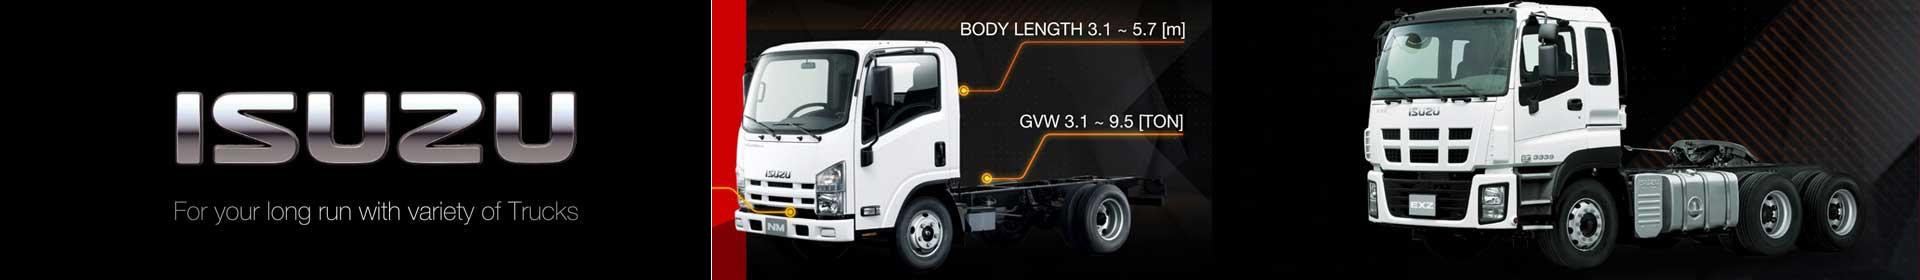 Long Run with variety of ISUZU Trucks